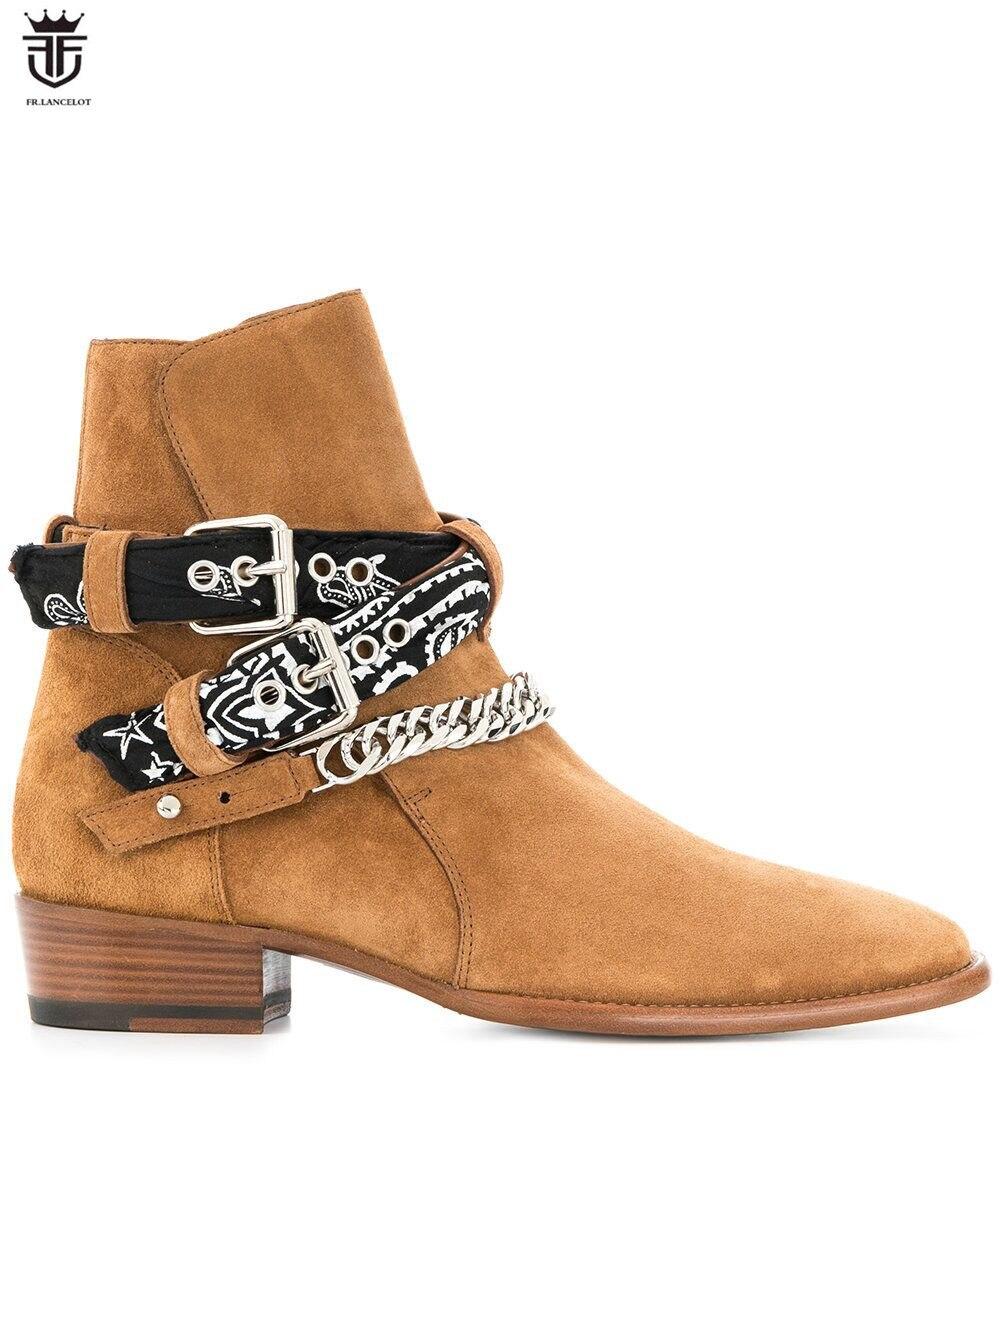 FR. LANCELOT 2019 Chelsea boot hommes daim cuir bottes desigh point toe boucle cheville bottes nouveau argent chaînes parti hommes bottes